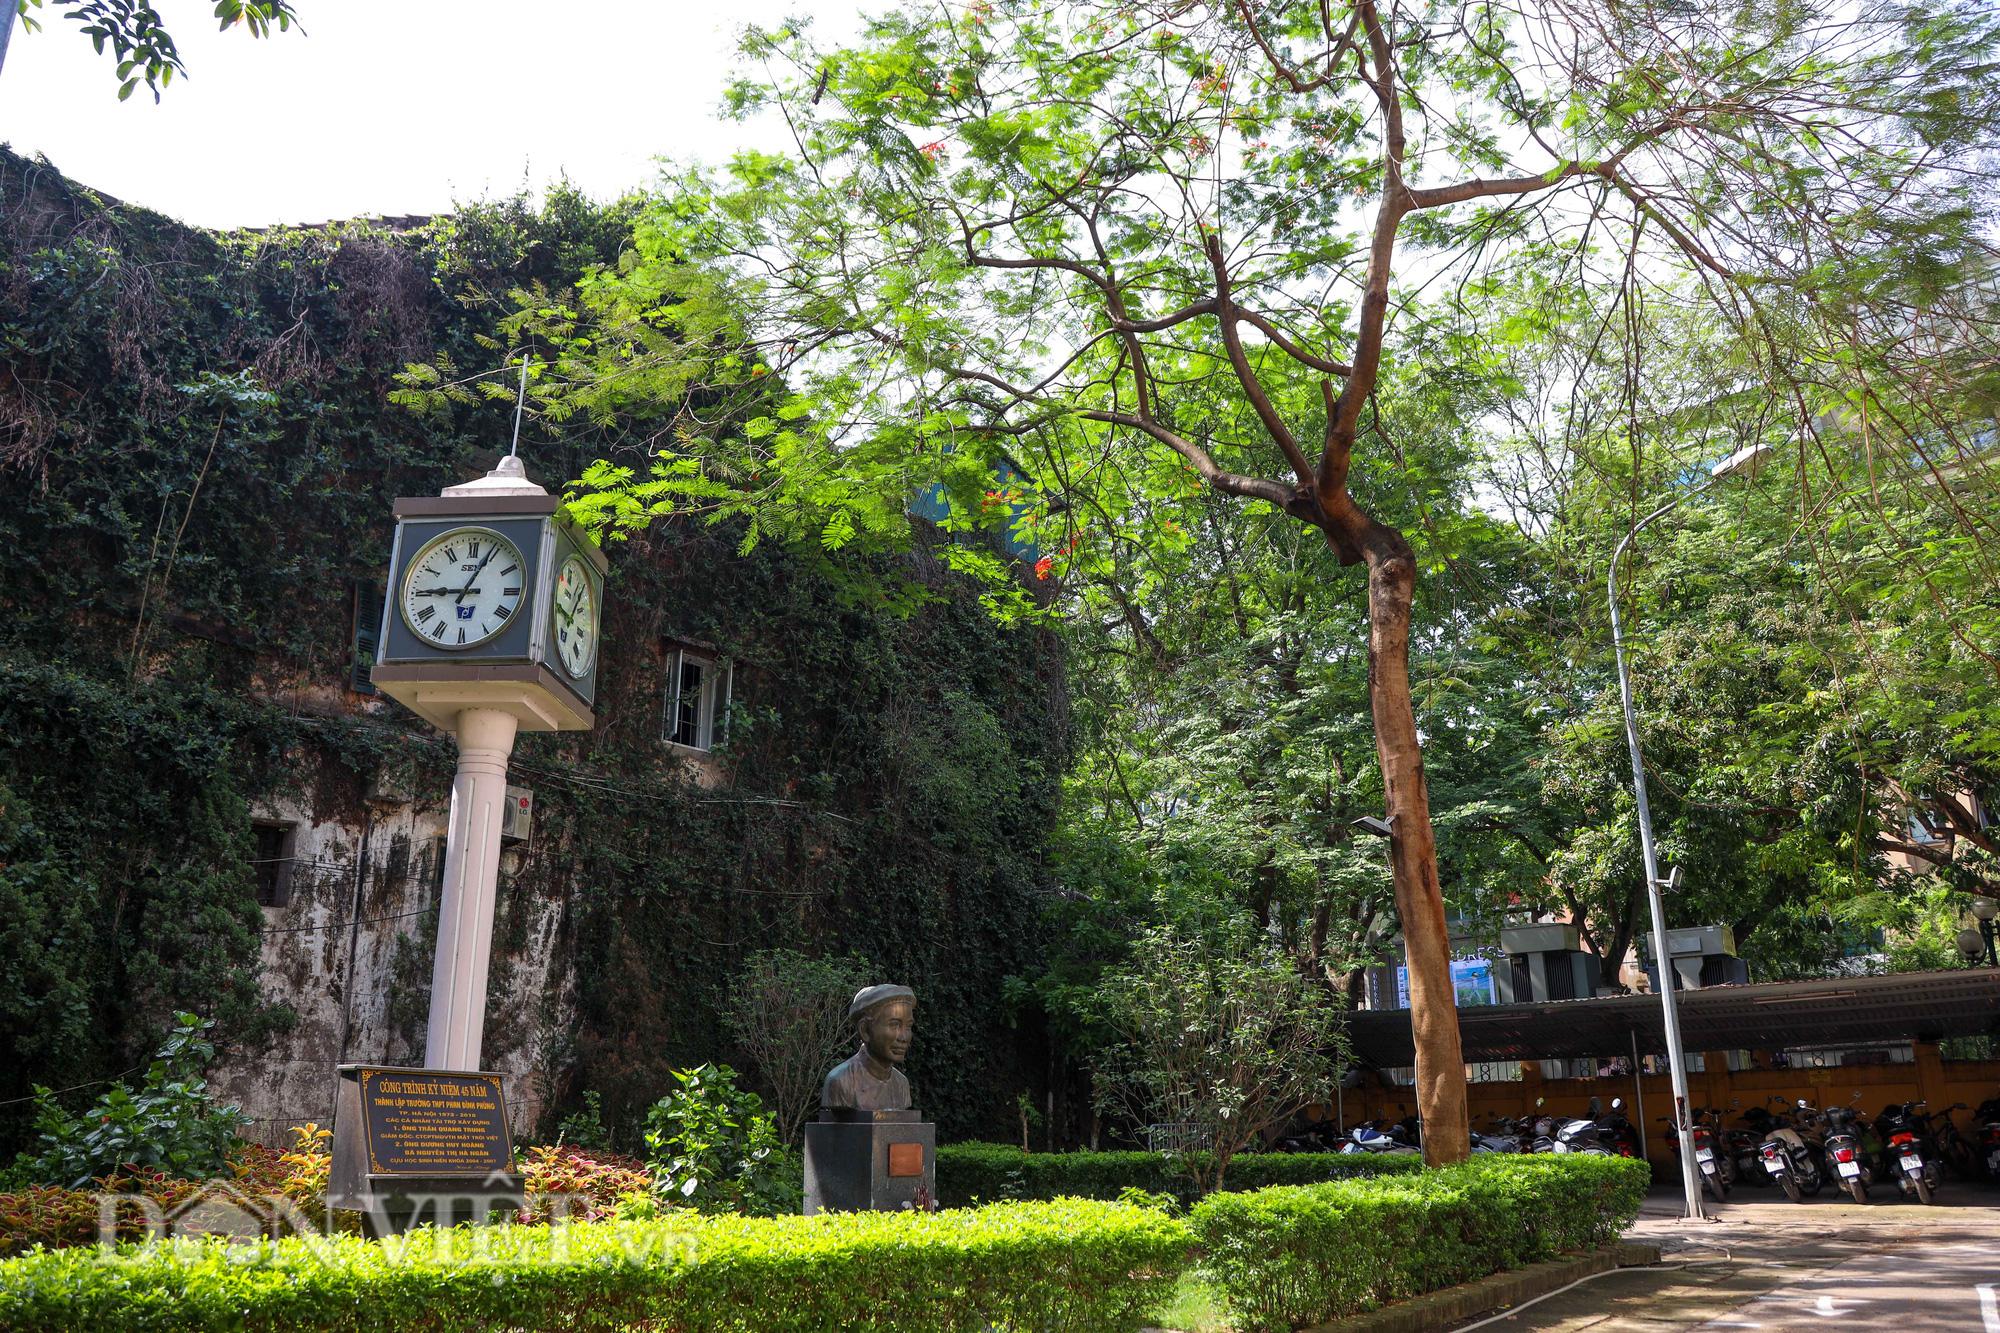 Học sinh Hà Nội không hề lo sợ dù ngồi giữa sân trường đầy cây cổ thụ - Ảnh 2.